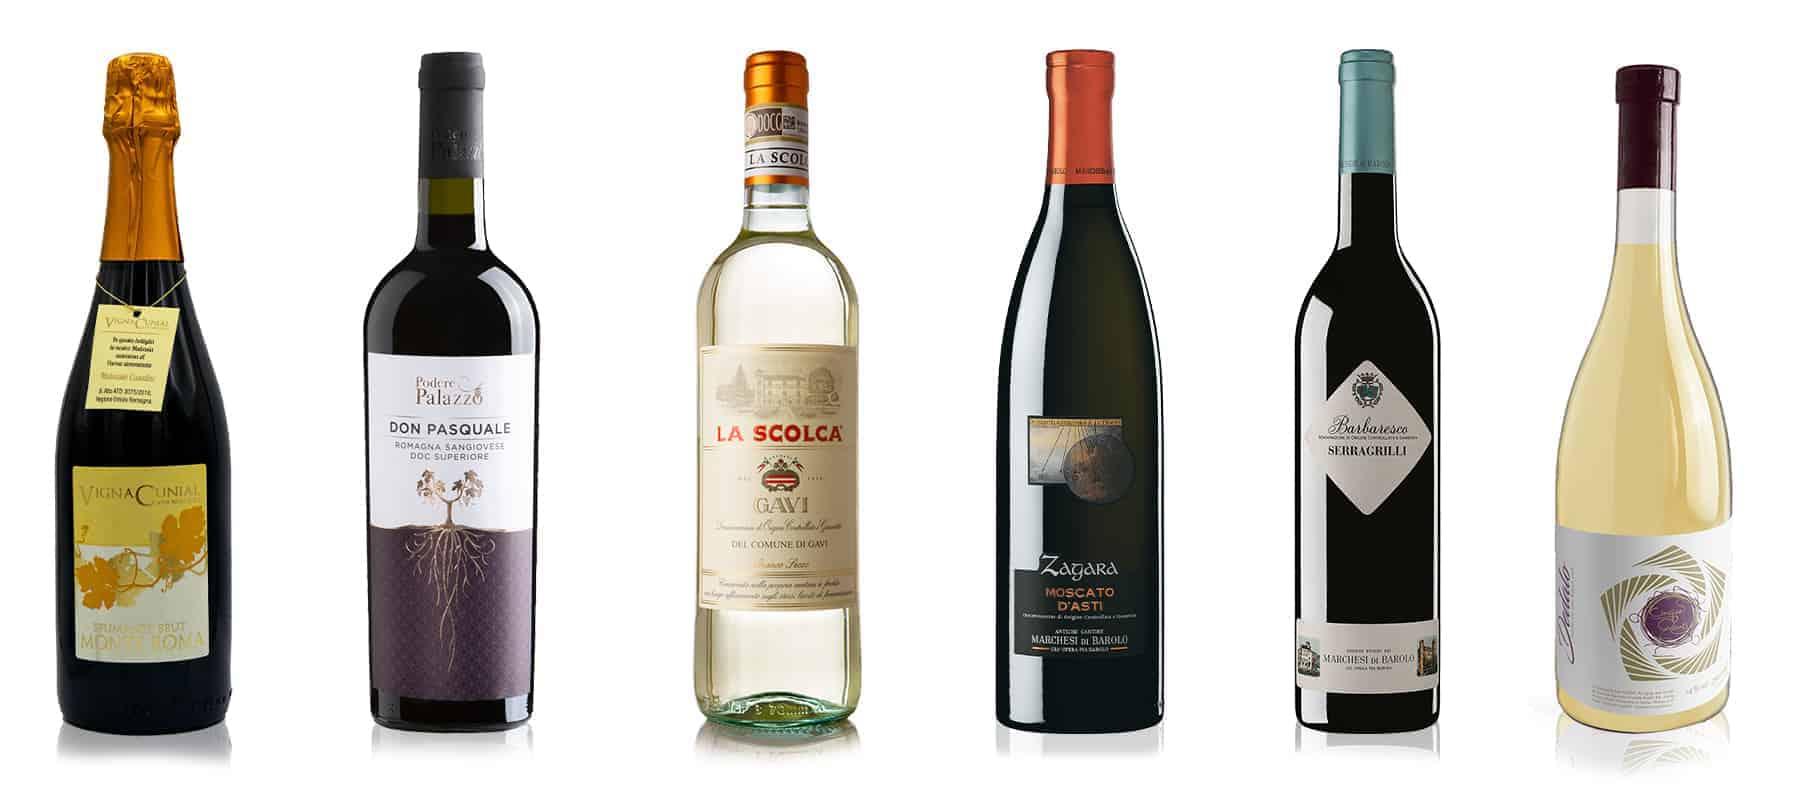 vini in degustazione alla terza edizione della vinhood academy il corso di avvicinamento al vino made in vinhood